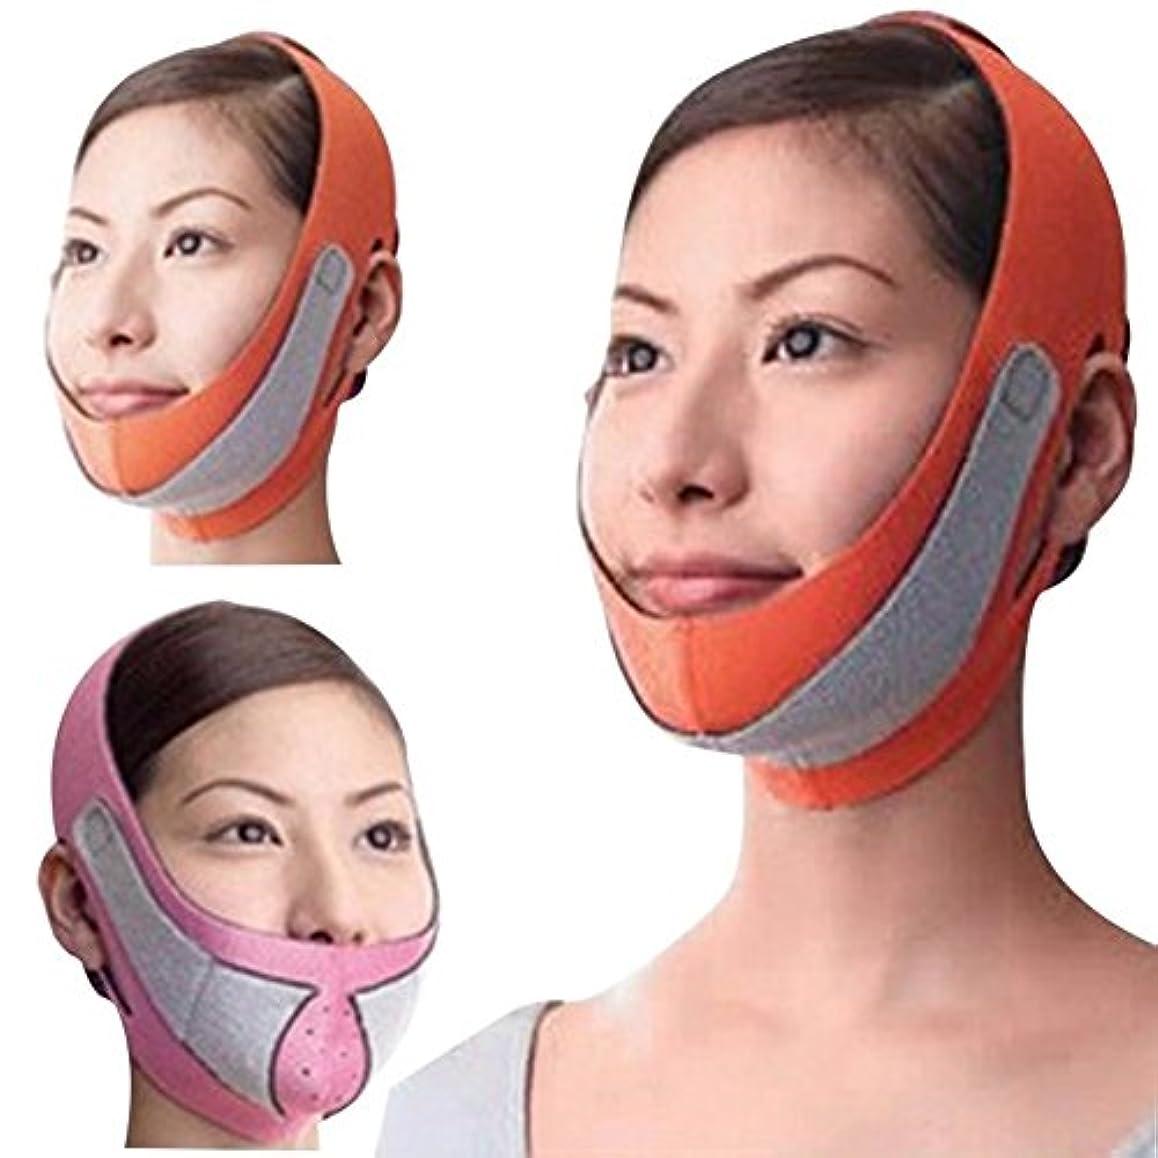 チャレンジ推測する制限Remeehi 引き上げマスク 頬のたるみ 額 顎下 頬リフトアップ ピンク グレー 弾力V-ラインマスク 引っ張る リフティング フェイス リフトスリムマスク 美容 フェイスマスク オレンジ